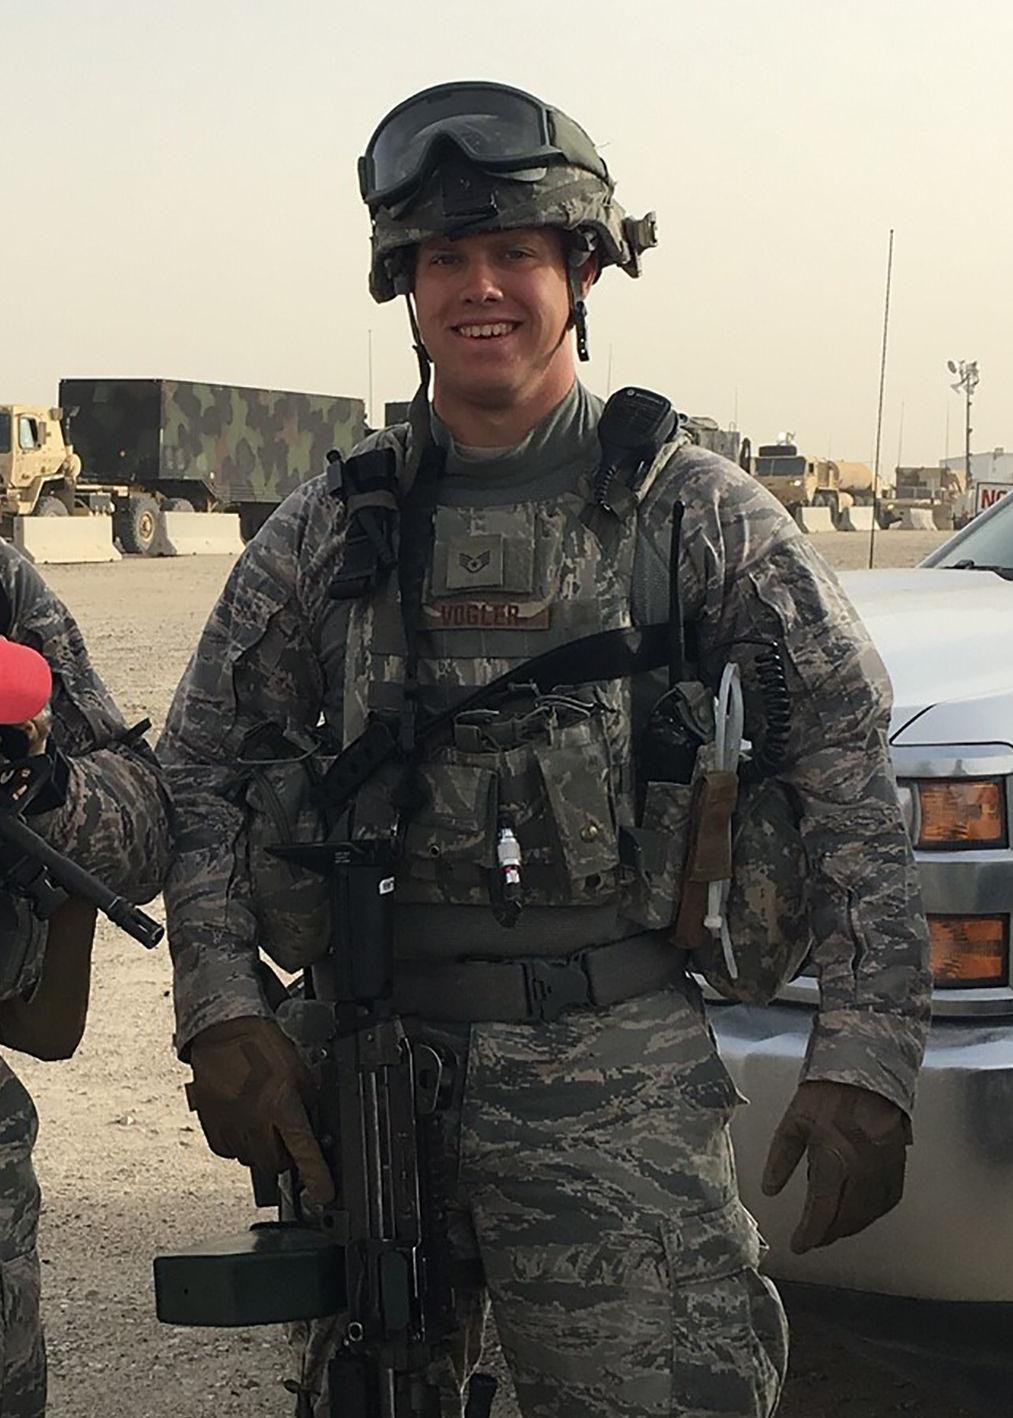 Sgt. Vogler